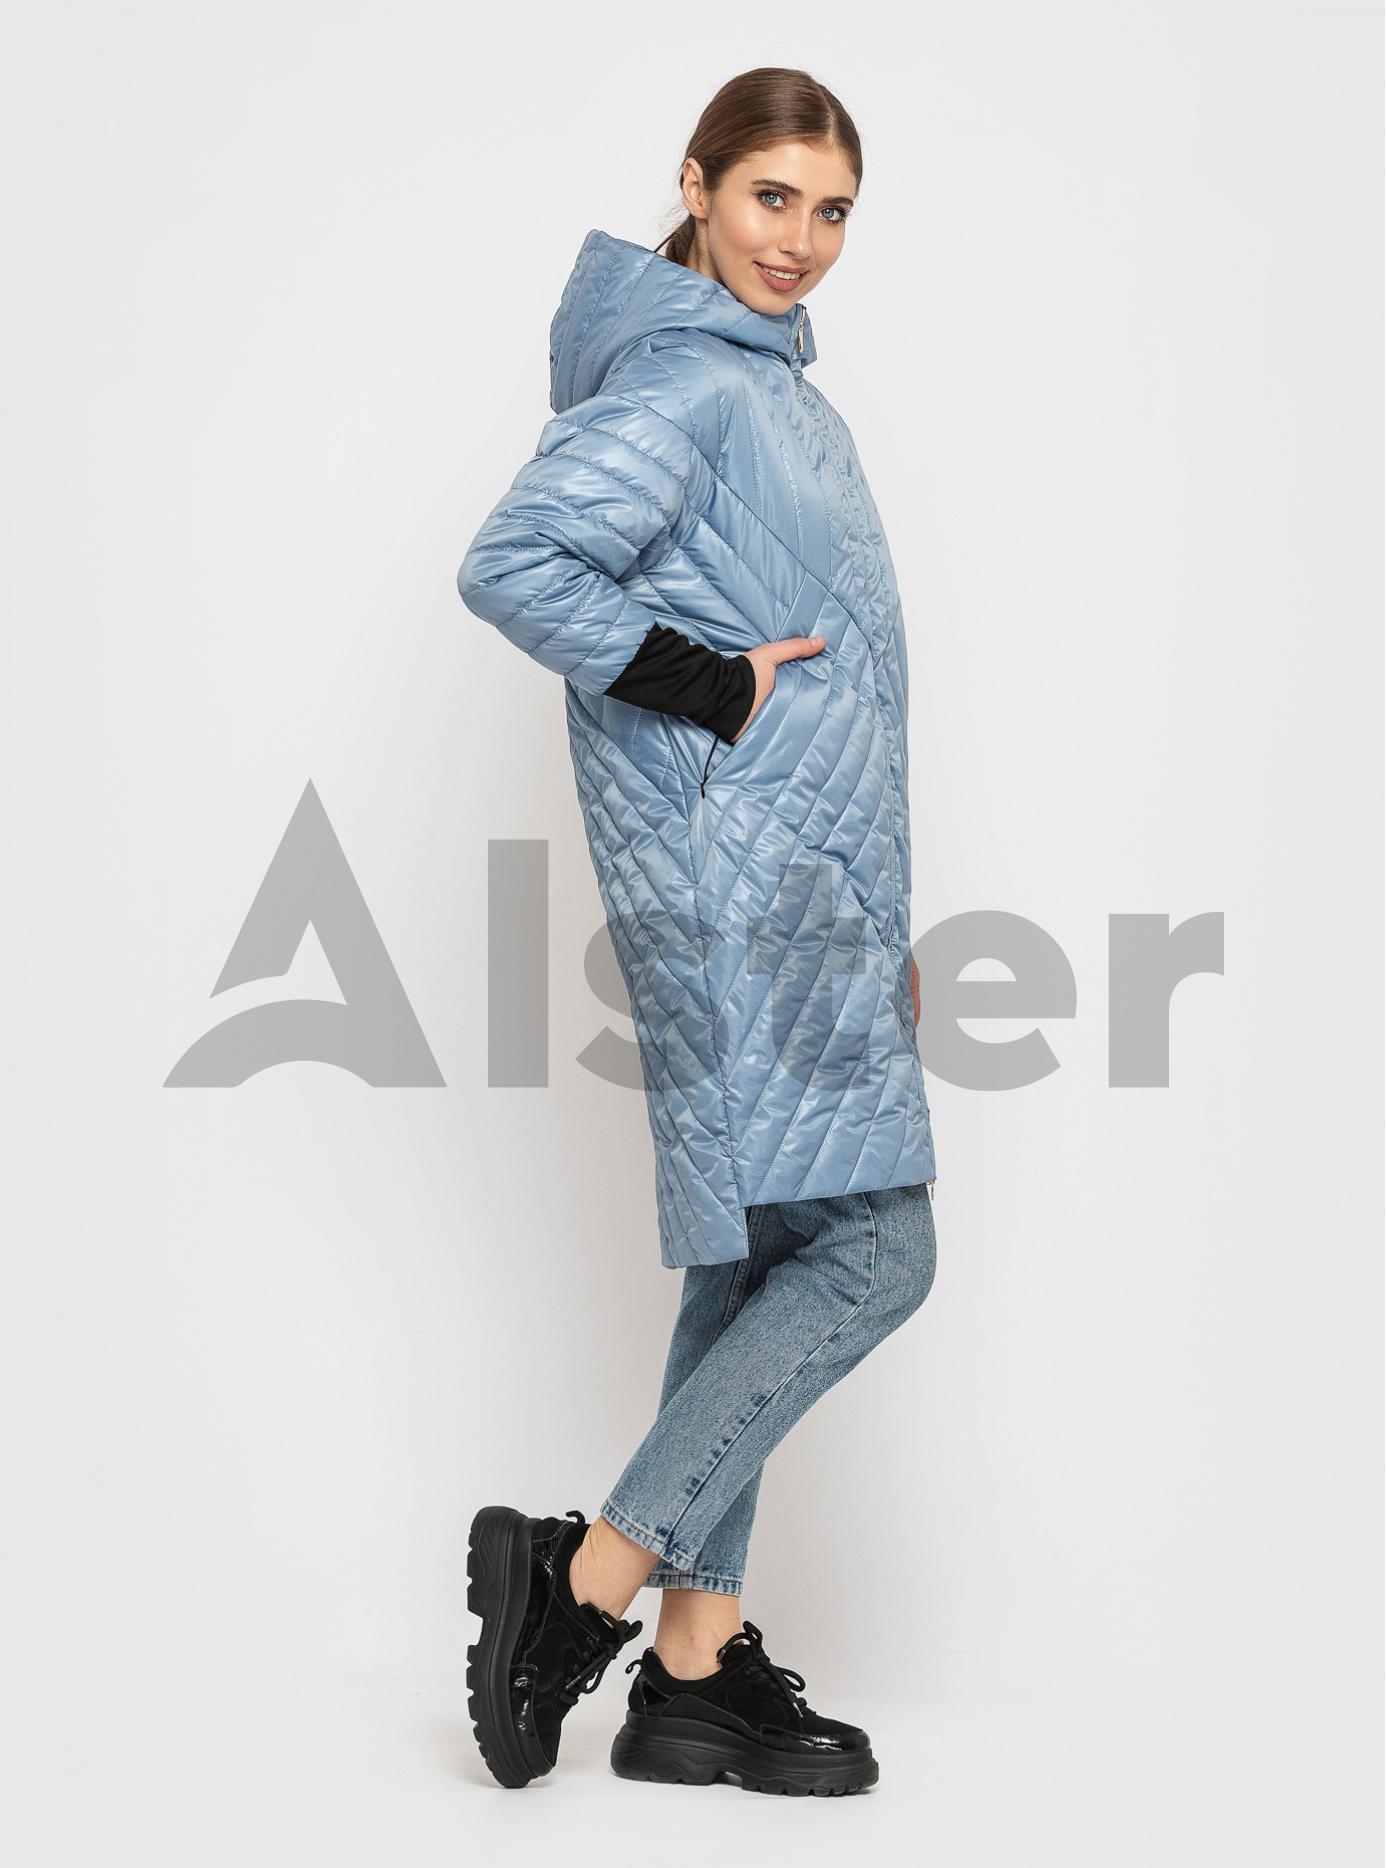 Куртка жіноча демісезонна подовжена Світло-блакитний XL (02-KT19002123): фото - Alster.ua